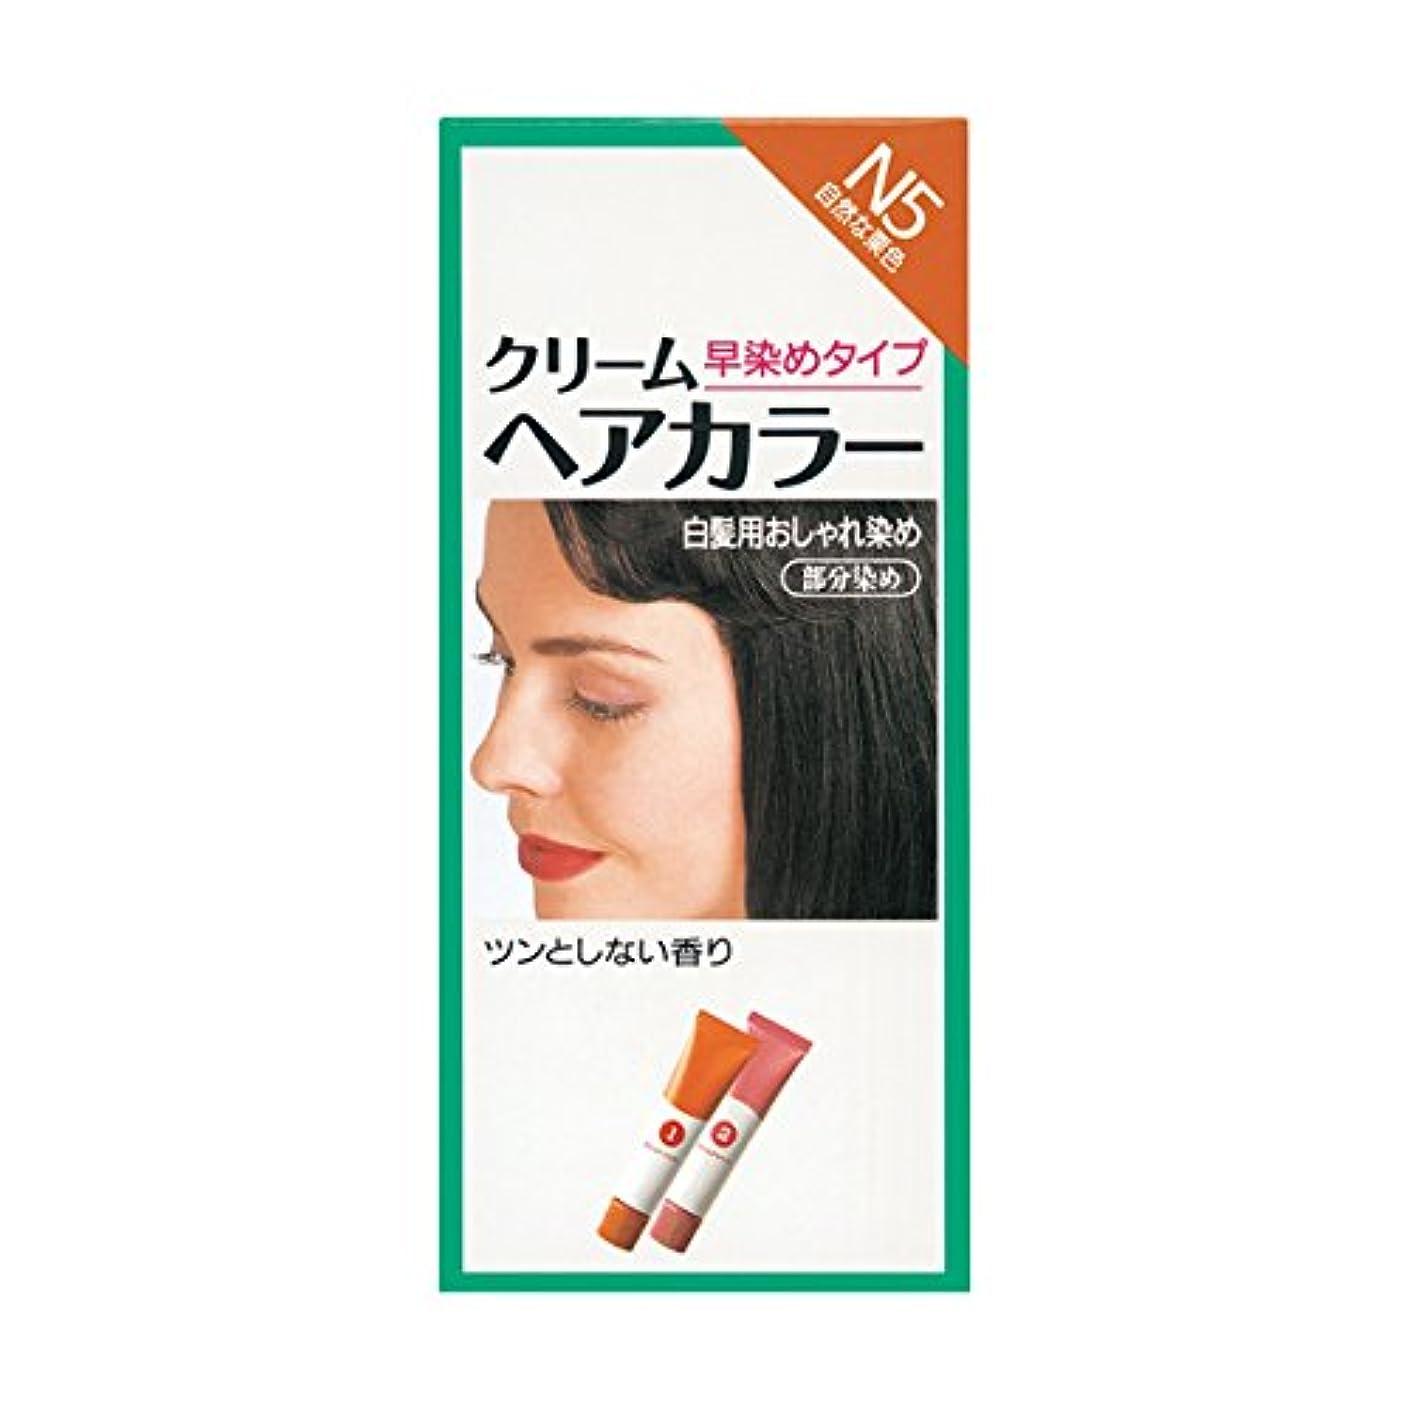 バインド炎上作動するヘアカラー クリームヘアカラーN N5 【医薬部外品】